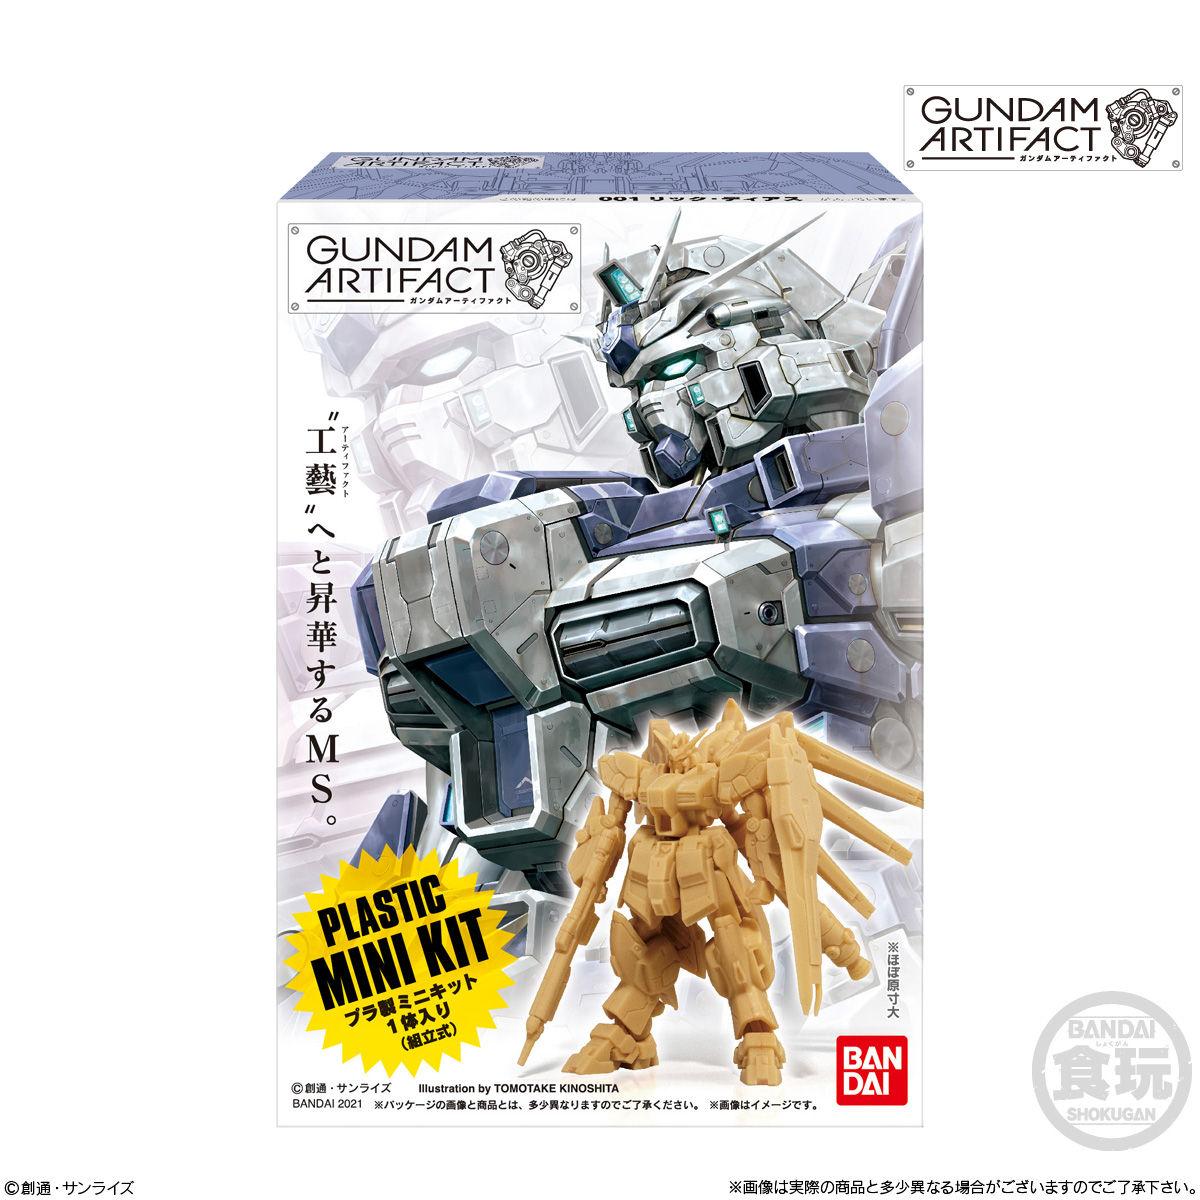 【再販】【食玩】機動戦士ガンダム『ガンダムアーティファクト』プラ製ミニキット 10個入りBOX-010